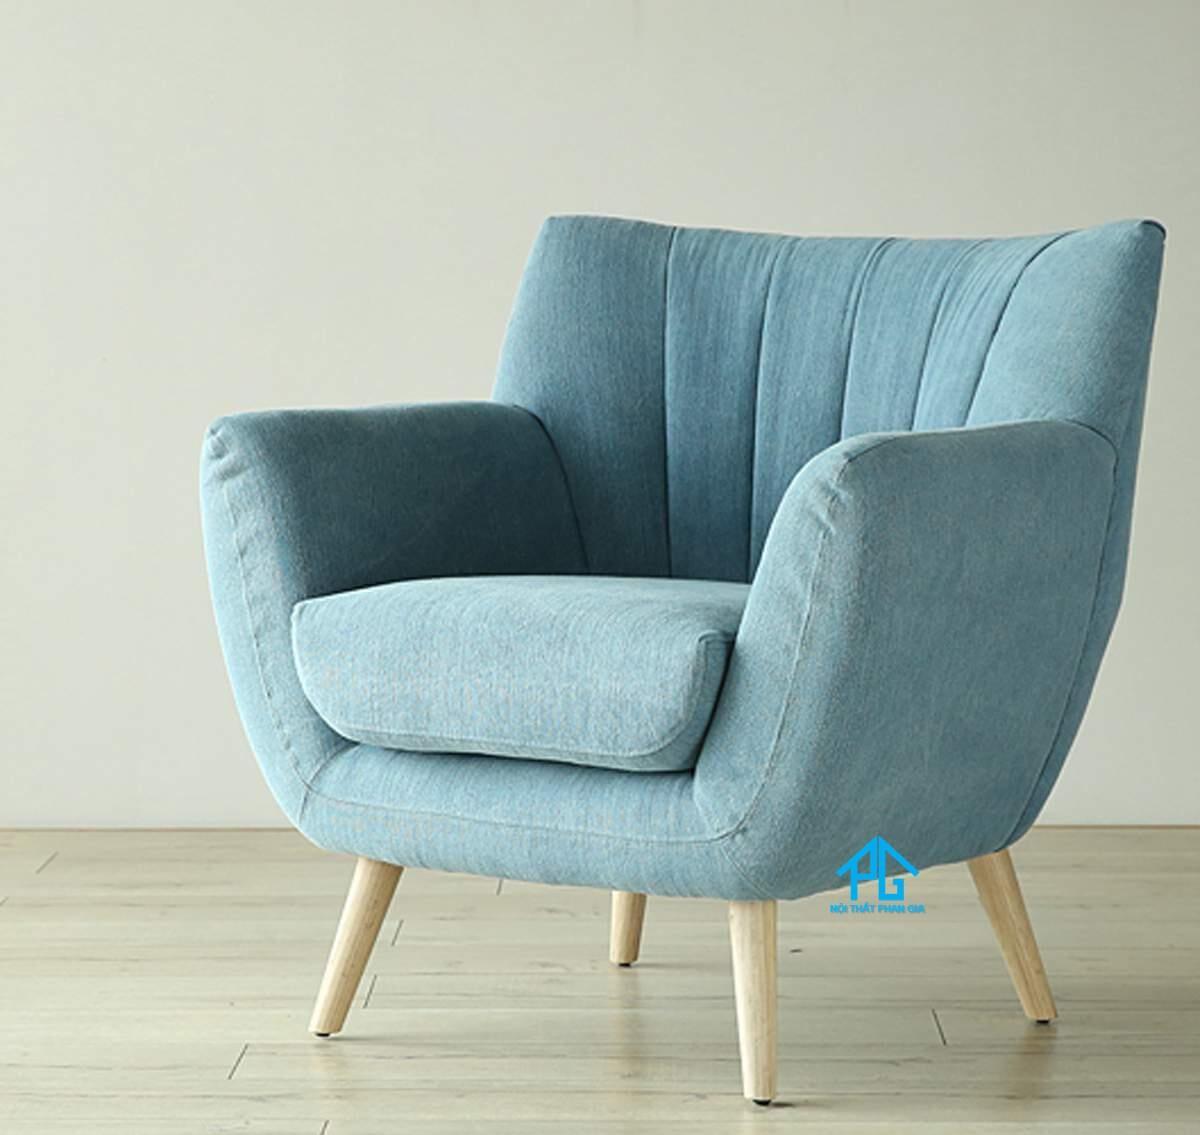 giảm giá ghế sofa đơn da hiện đại tphcm